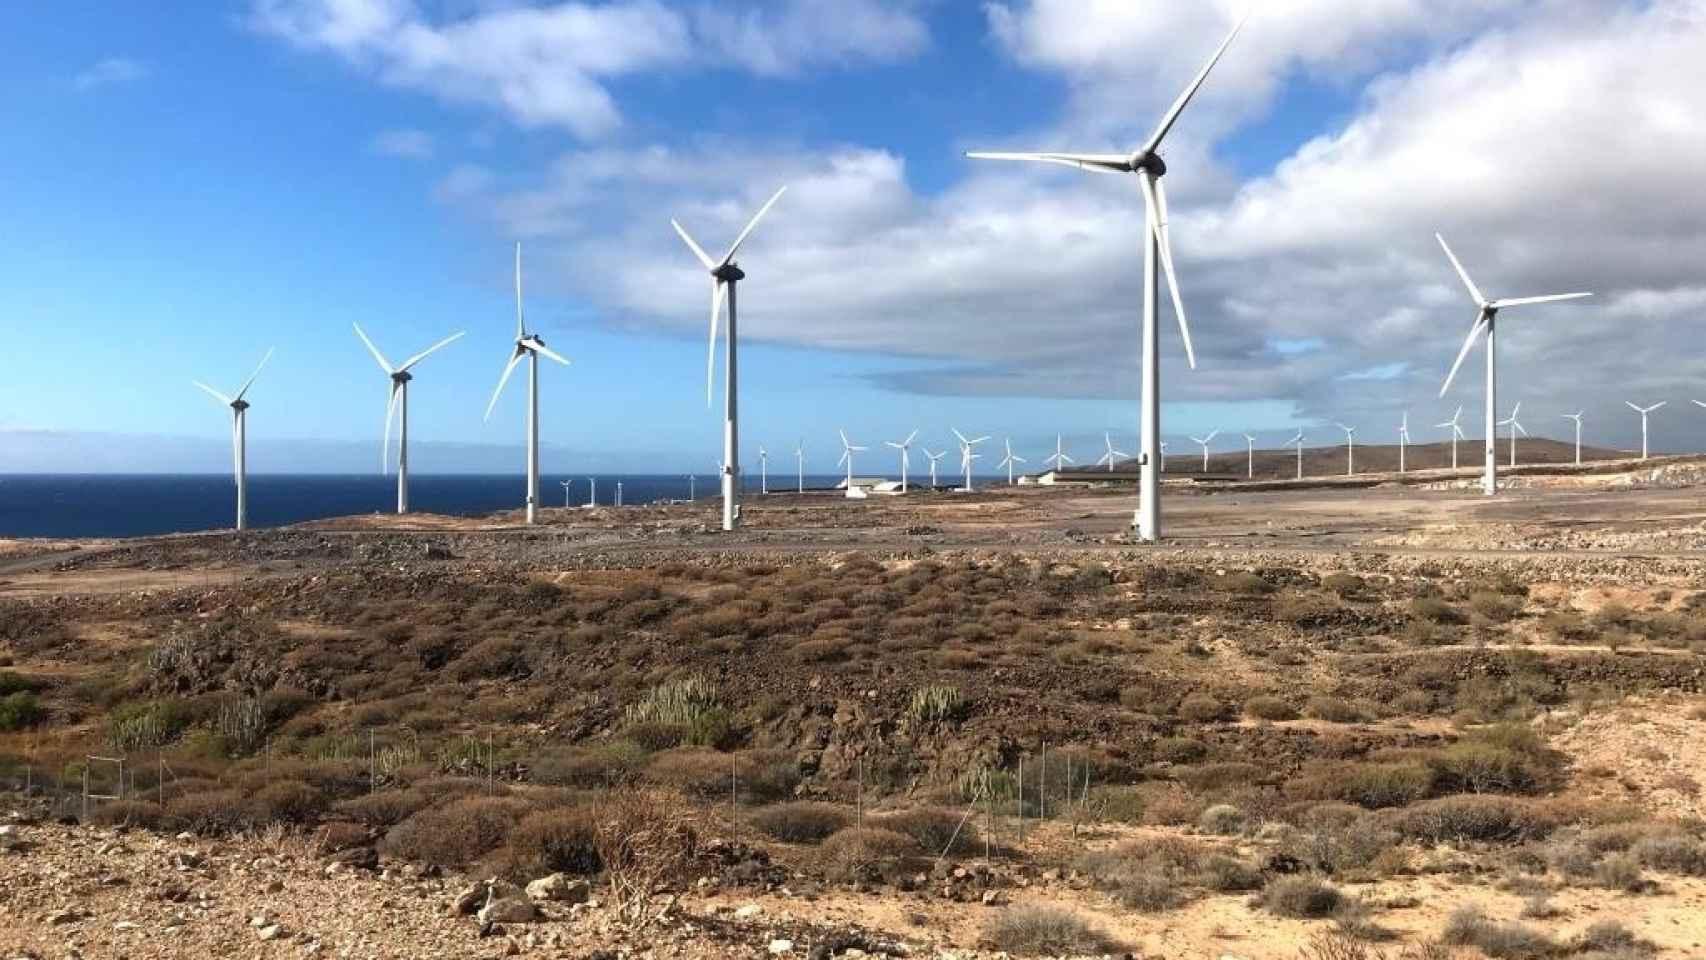 Las subastas renovables en Canarias se convocarán en diciembre para 140 MW